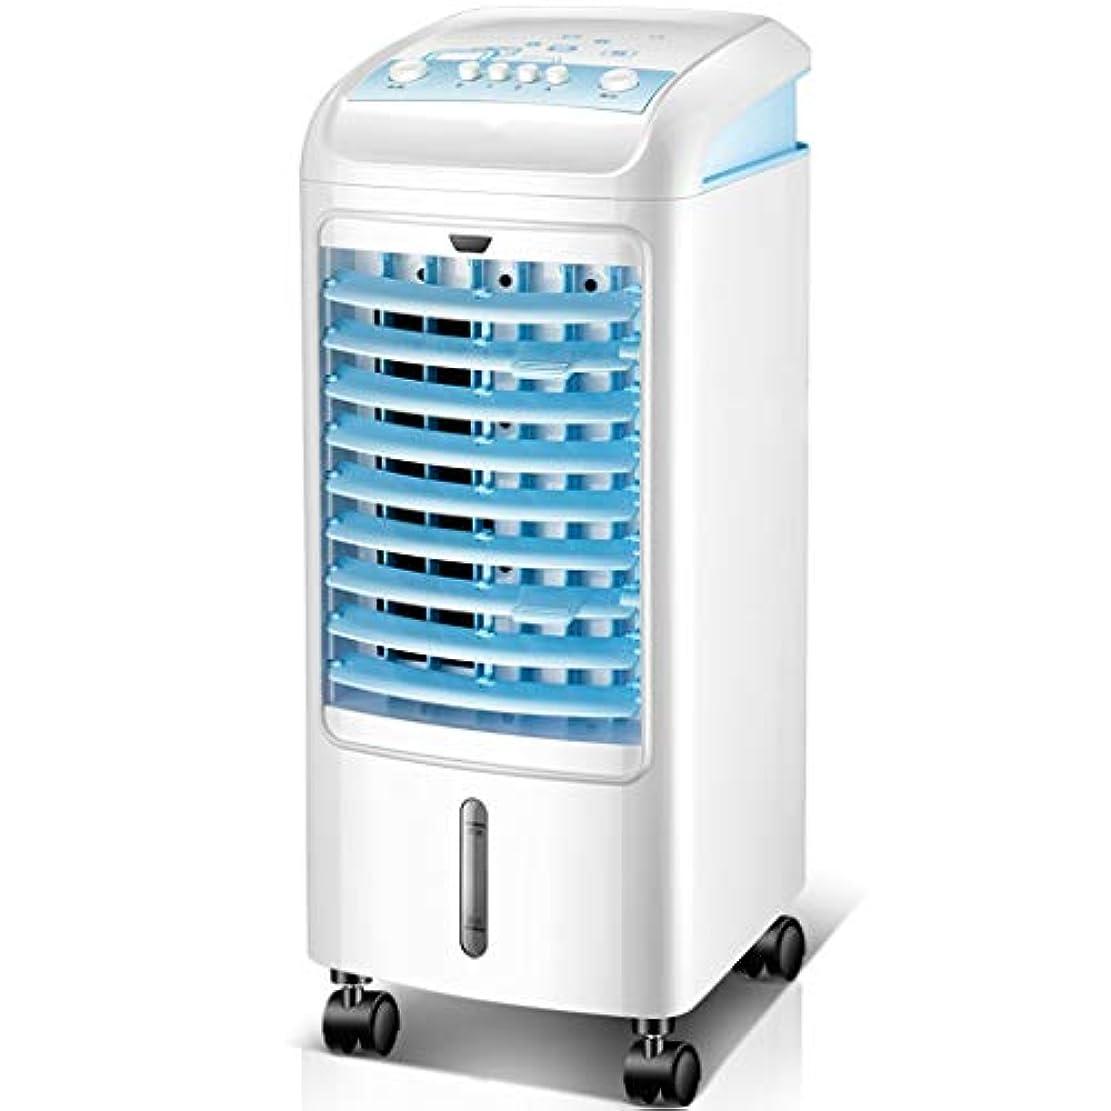 建物姉妹だらしない大型家電 エアコンファンクーラー シングル冷却ファン 移動式エアコンファン 小型家庭用エアコン 工業用冷凍機 屋外ガーデンヘアドライヤー (Color : 白, Size : 25*25*62cm)